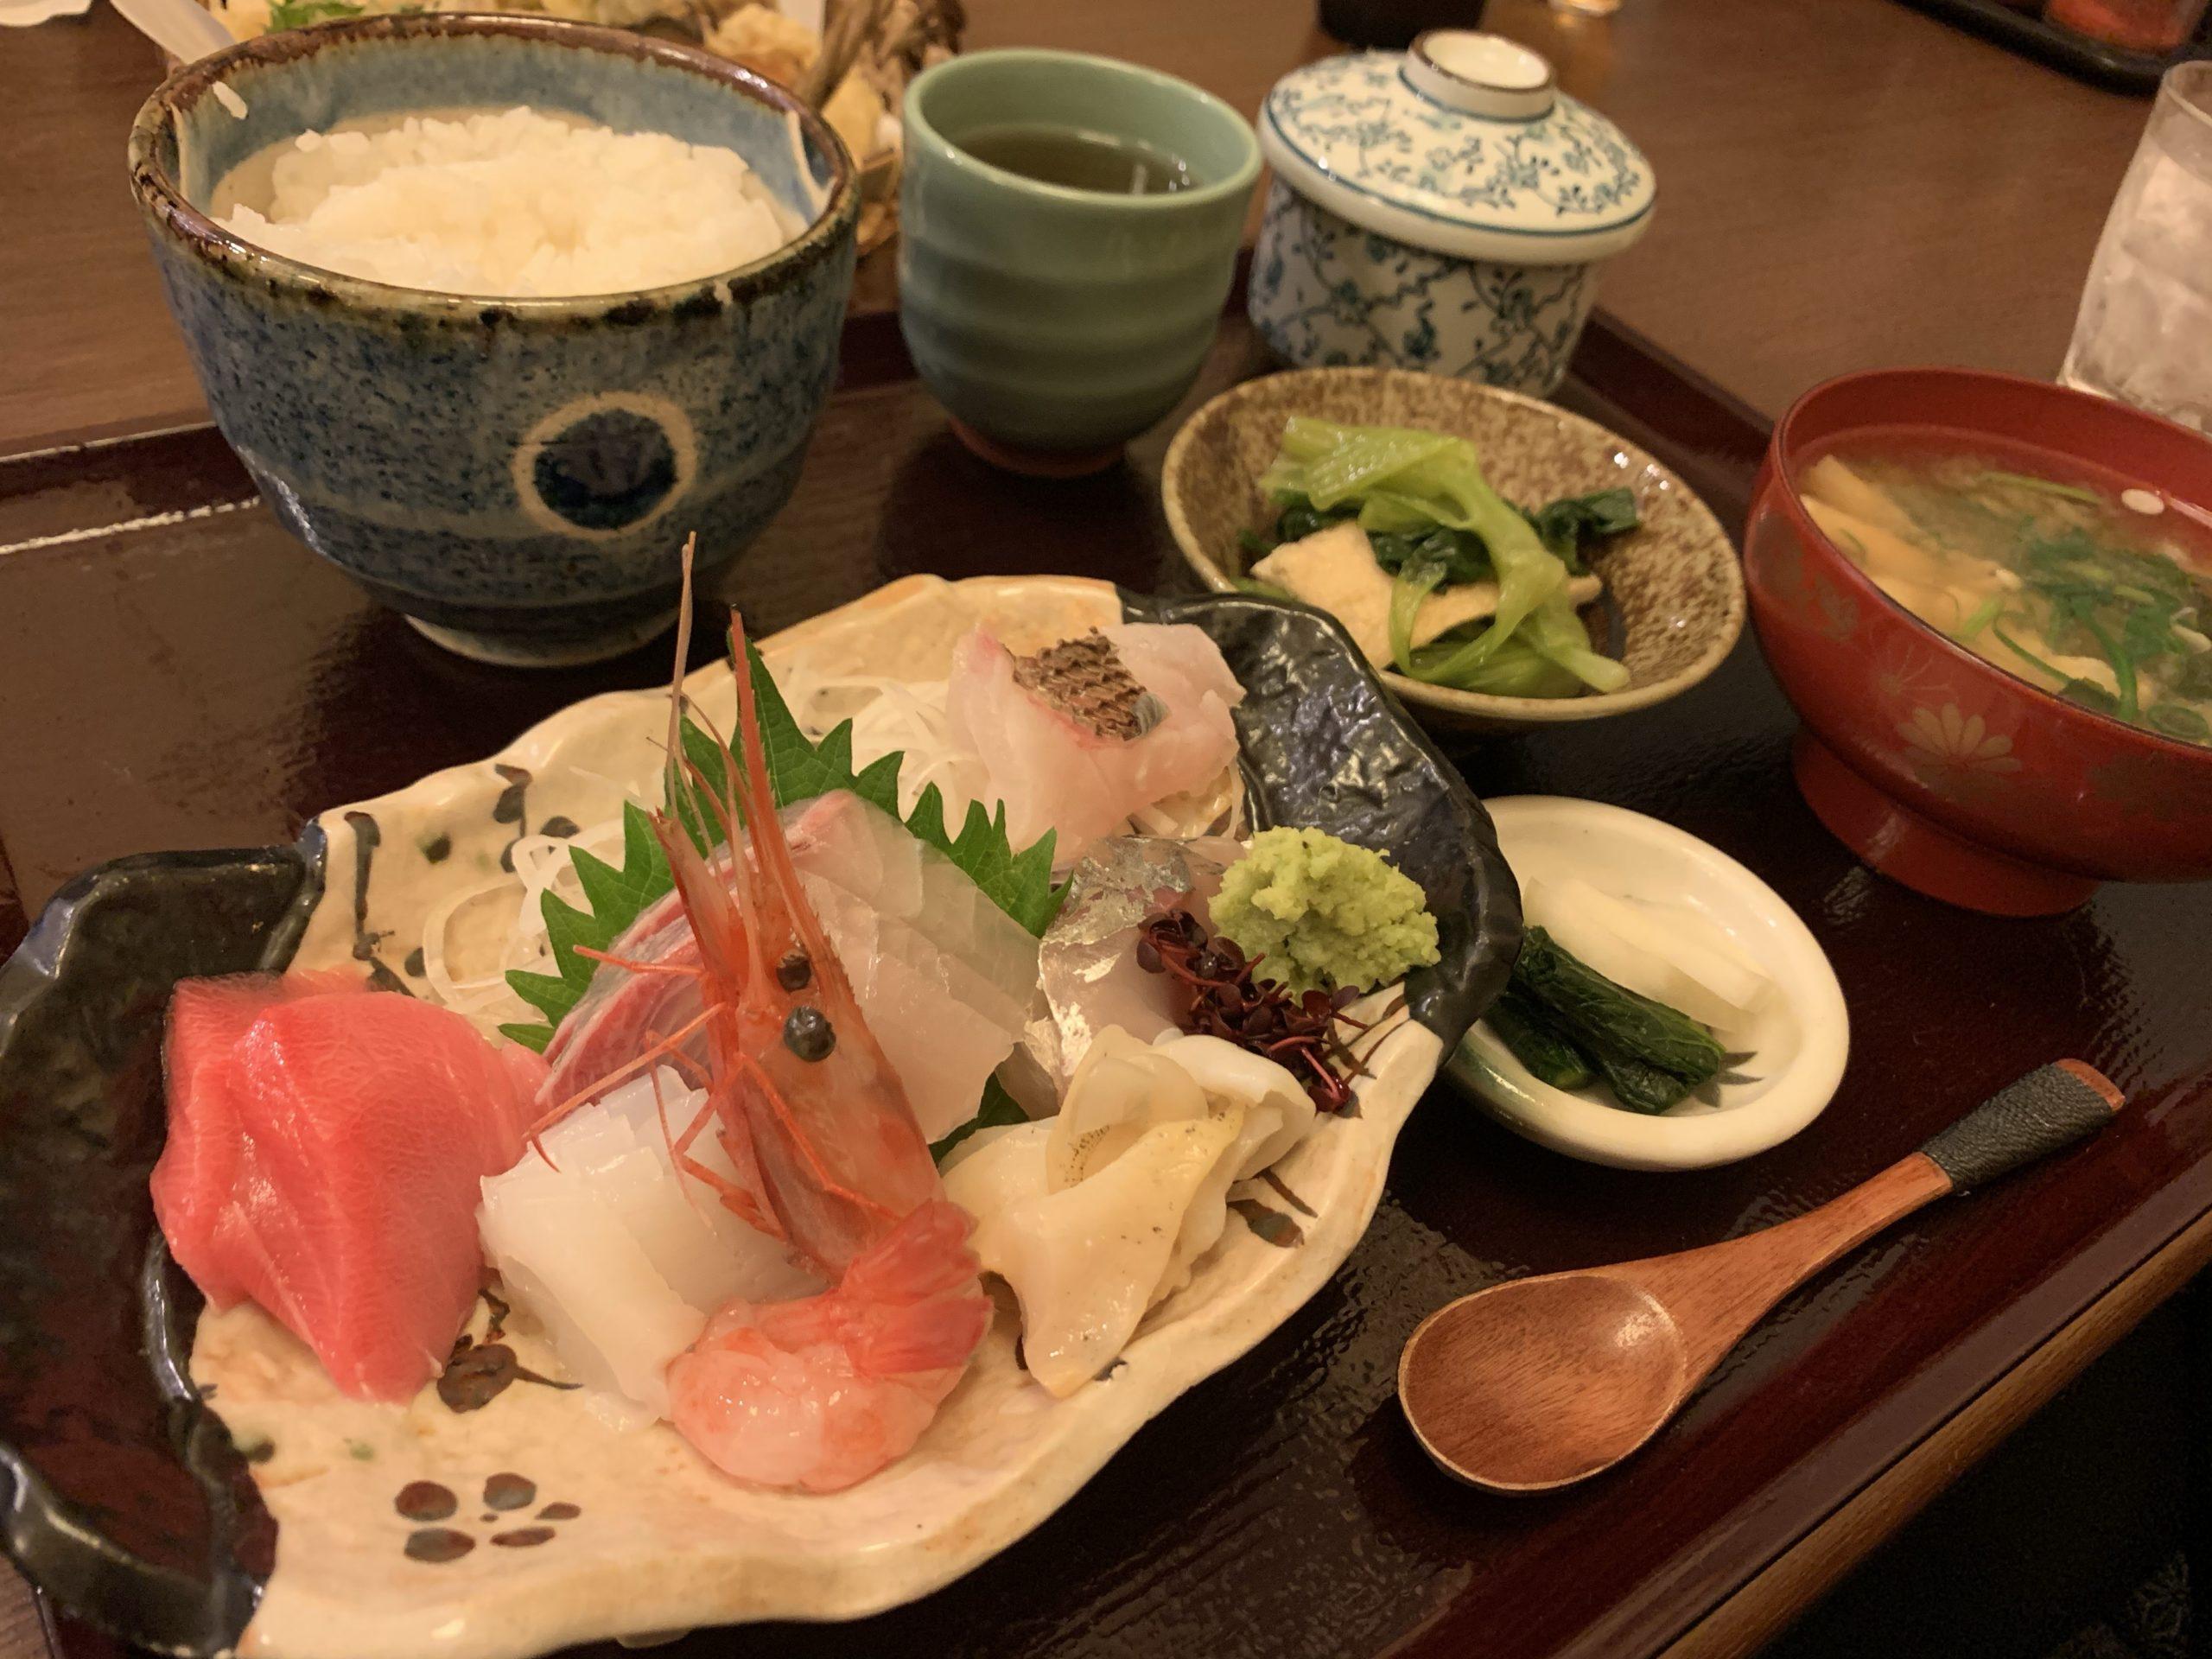 昼は定食、夜は宴会もできる和食の人気店「旬亭きどぐちや」【羽咋市】